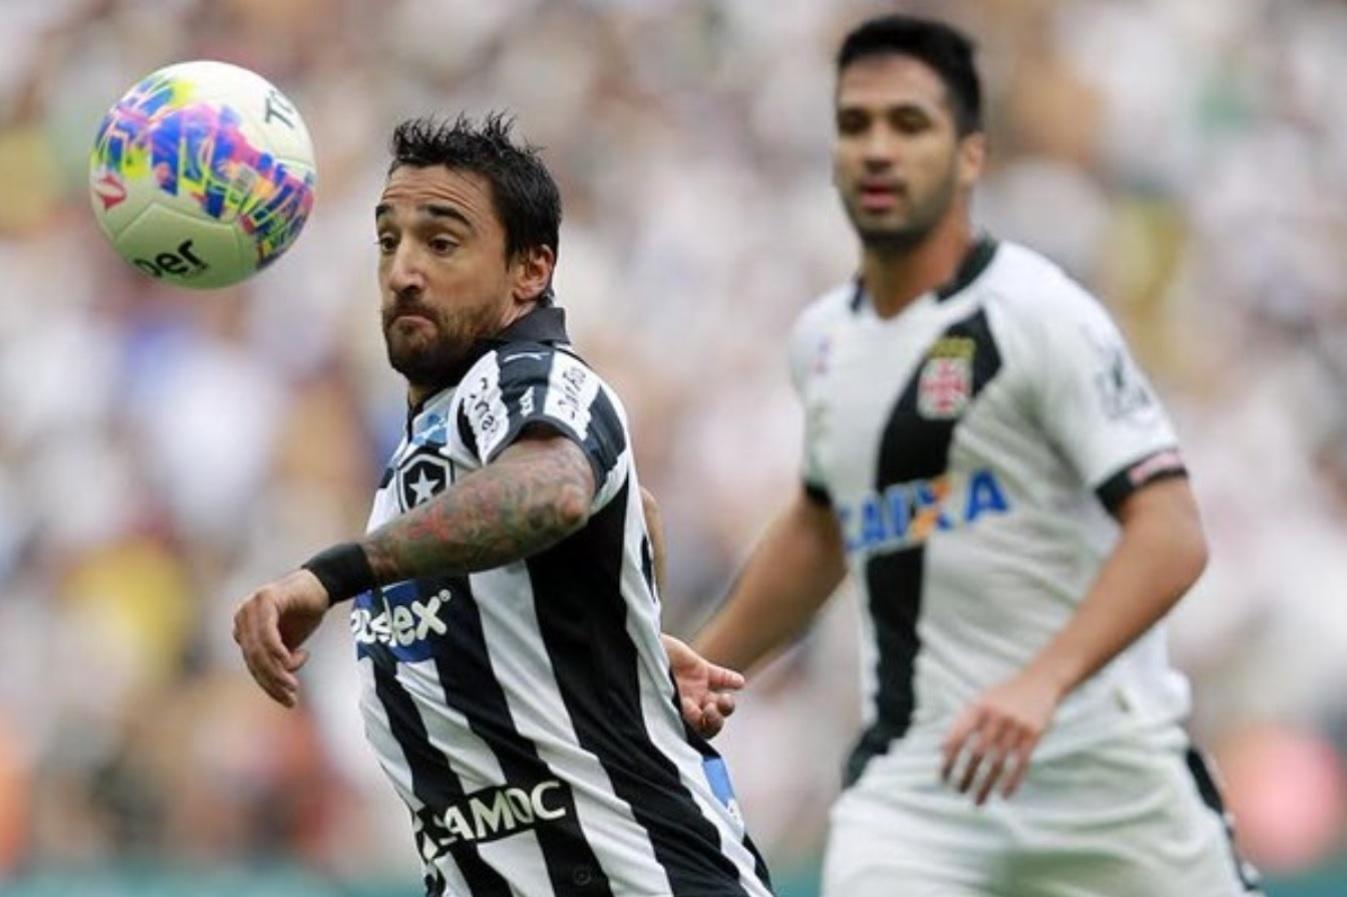 Vasco e Botafogo se encontraram no Estádio do Maracanã para a decisão do Campeonato Carioca 2016